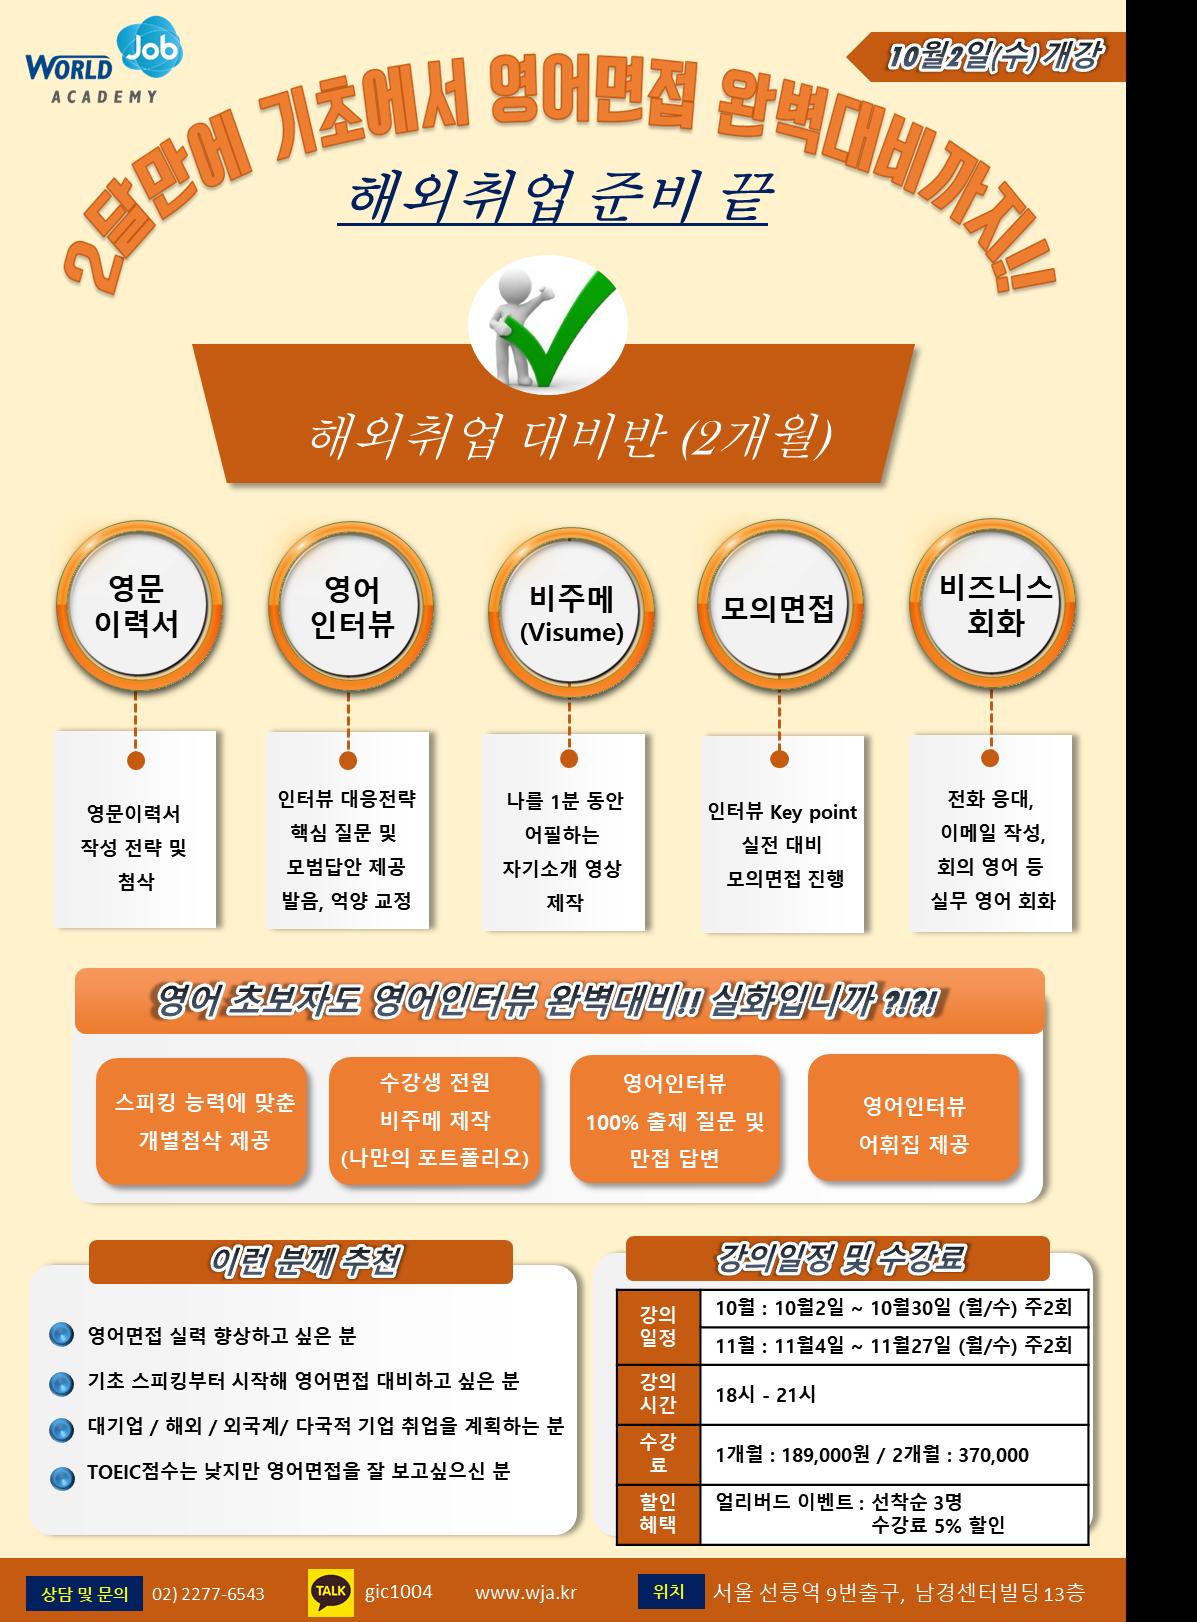 해외취업 대비반_2019 10월2일 개강.png